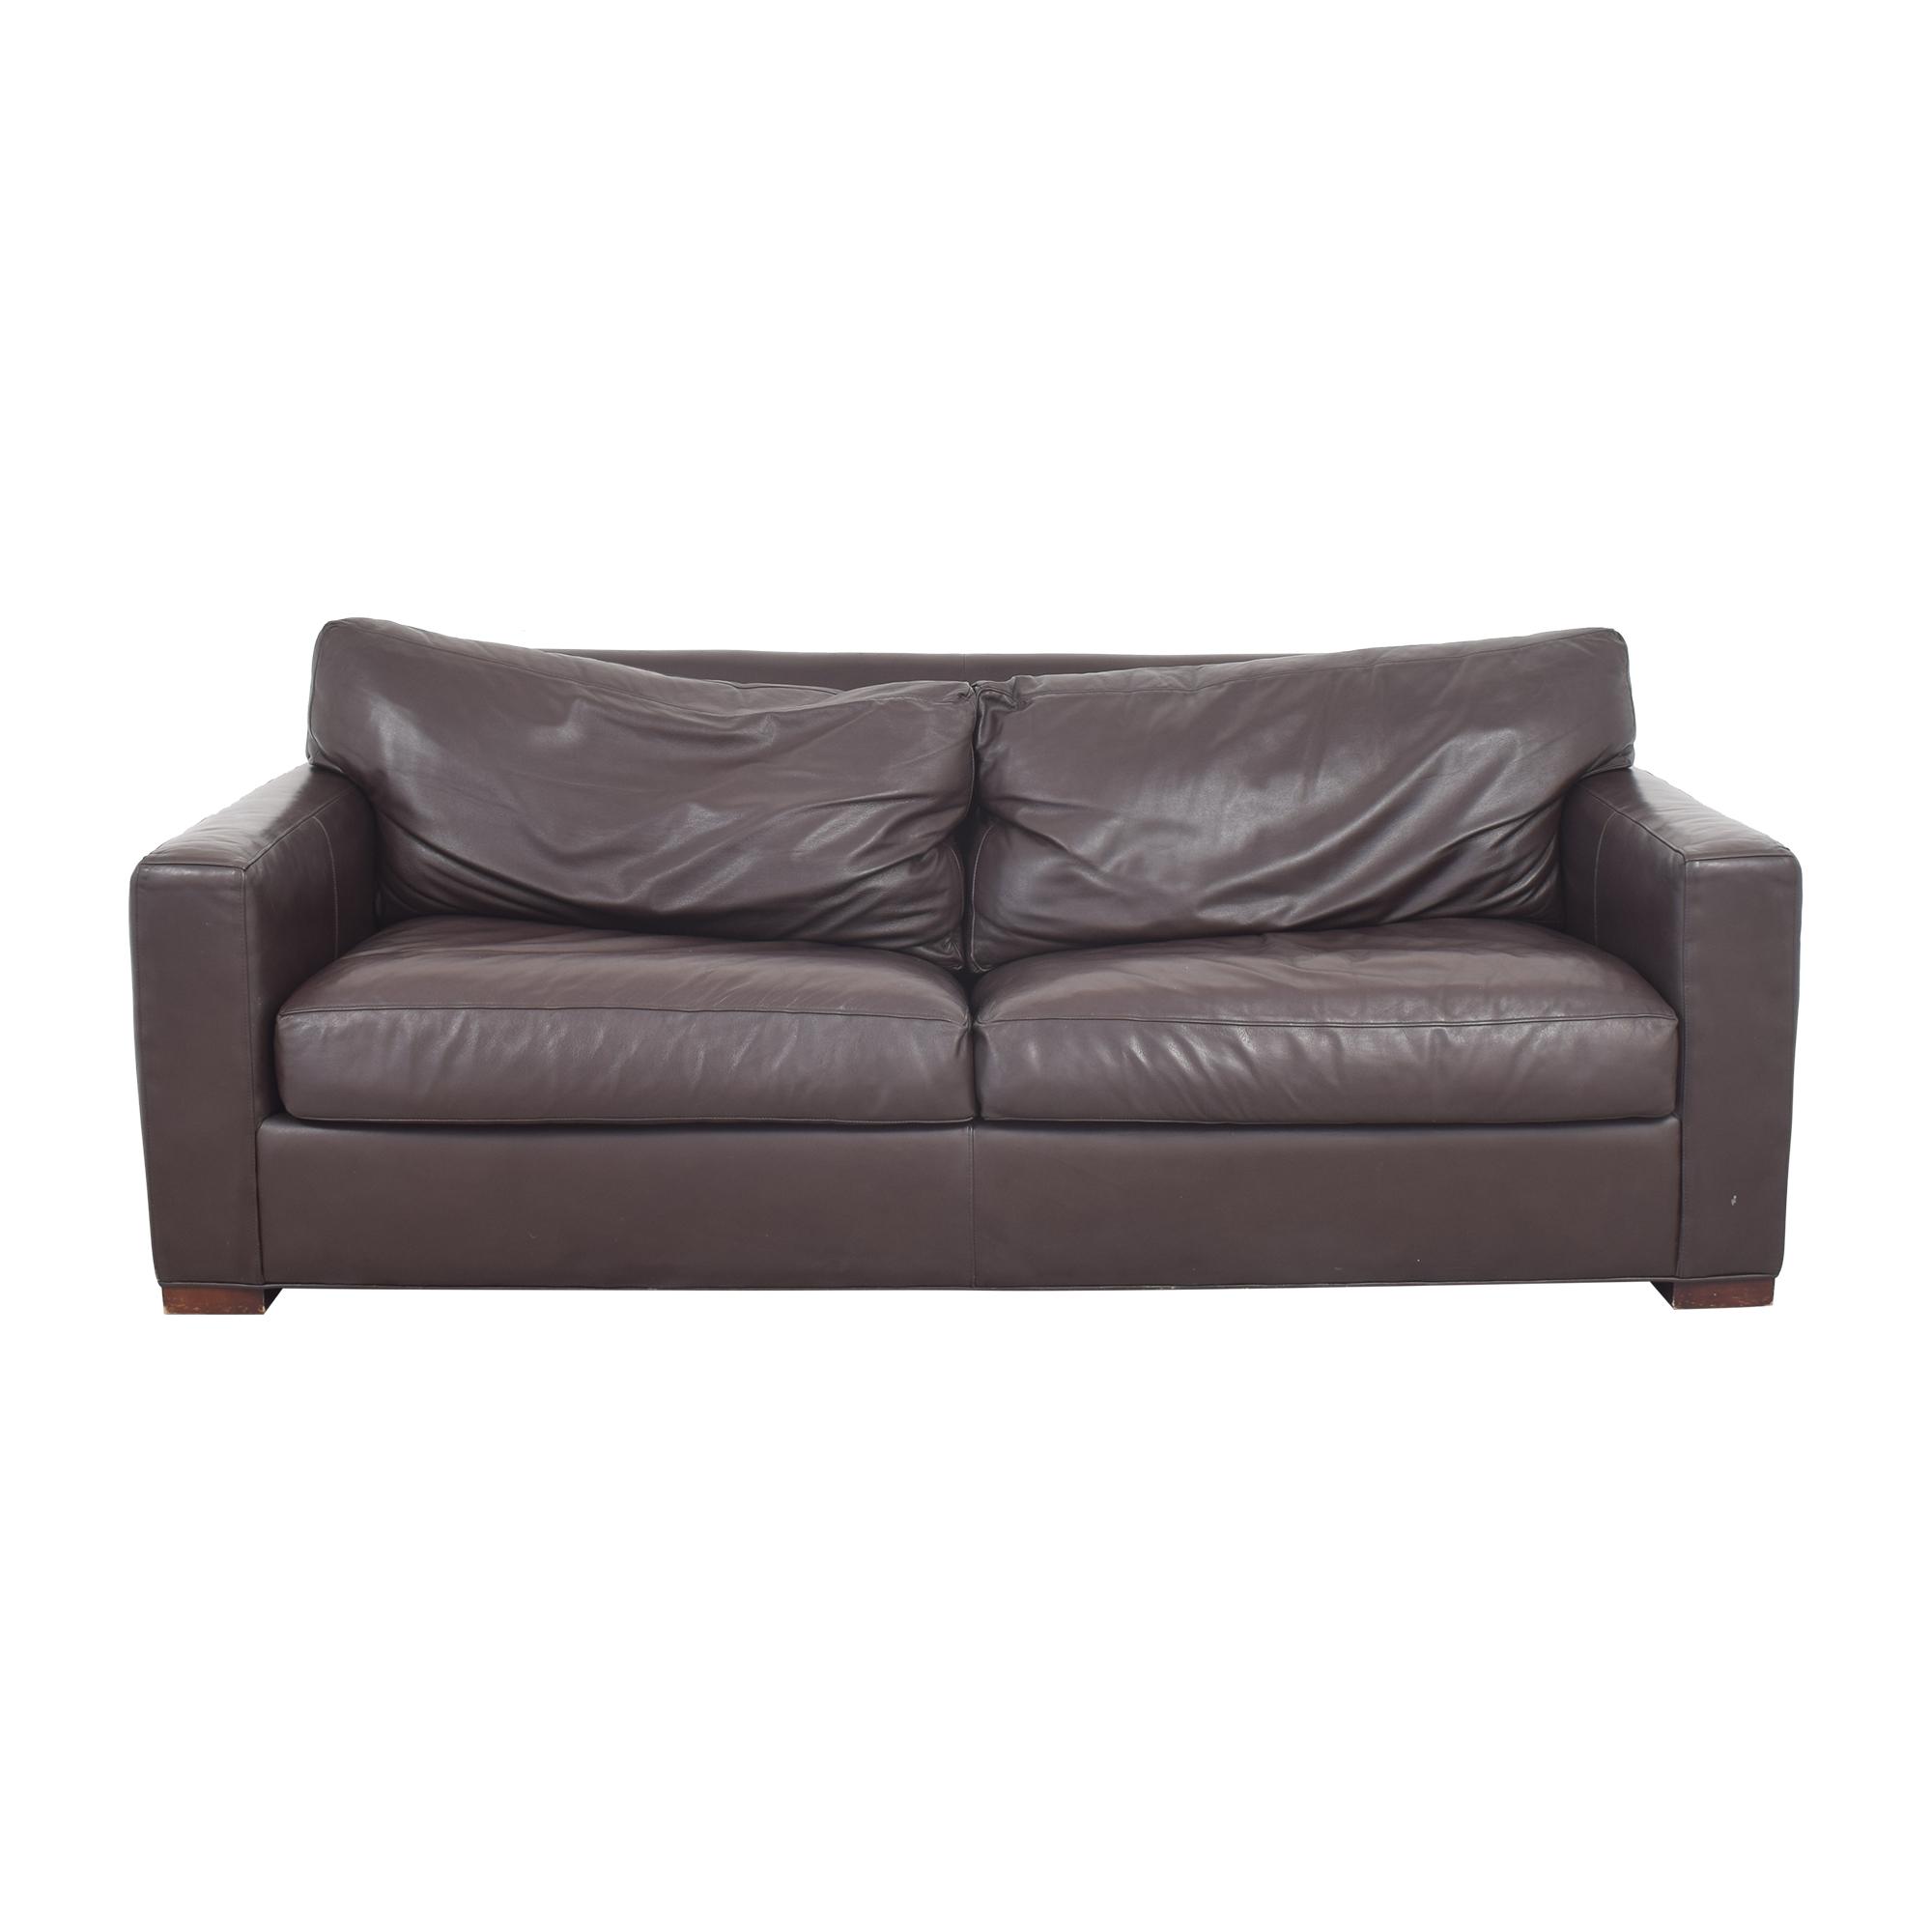 Crate & Barrel Crate & Barrel Axis II Two Seat Queen Sleeper Sofa dark brown